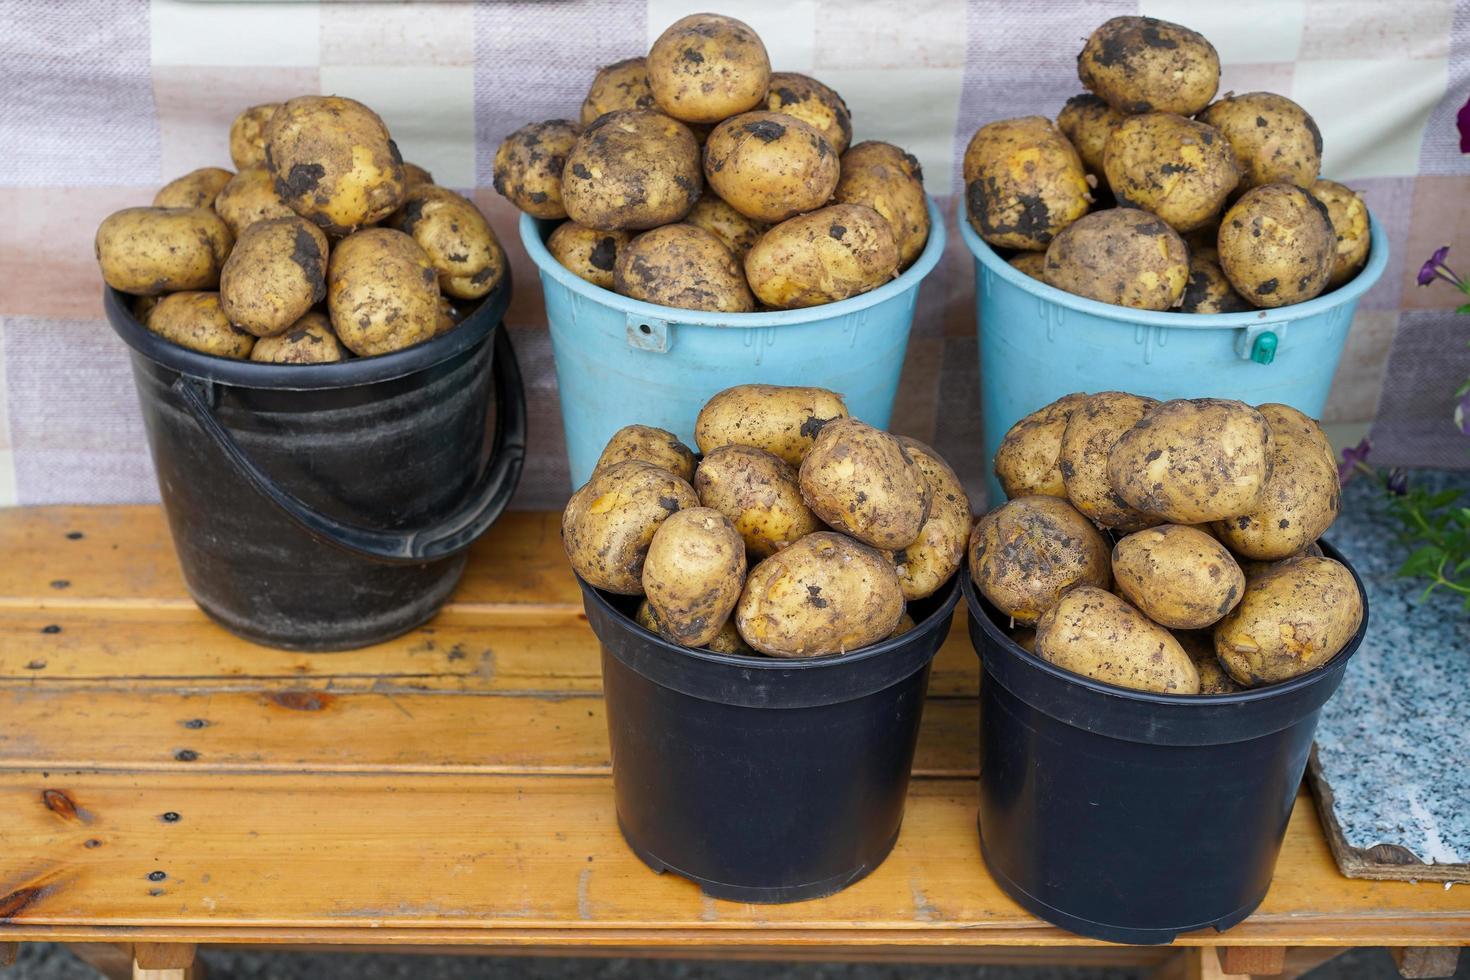 aardappelen in emmers op een houten oppervlak foto